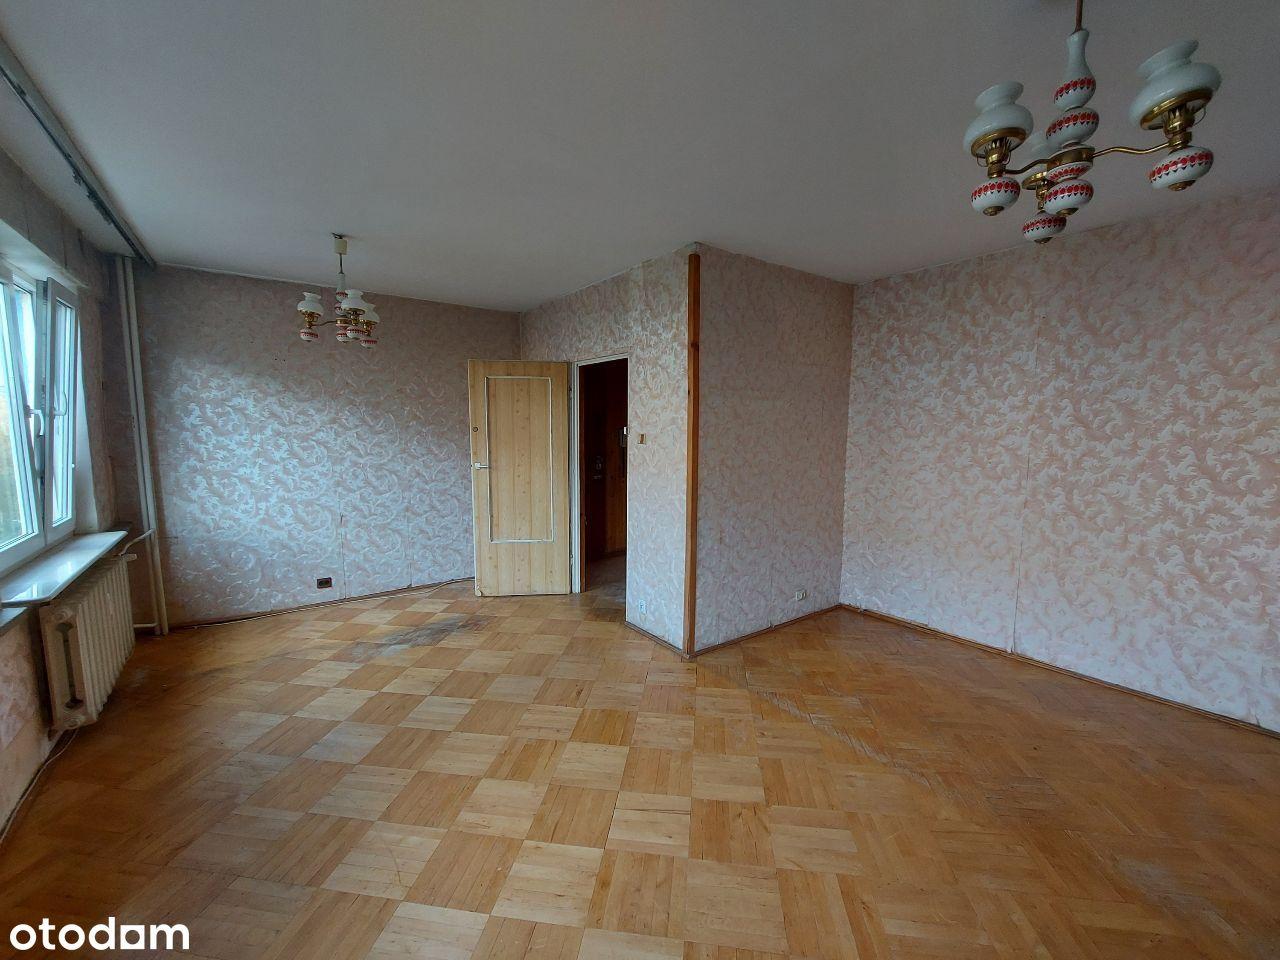 Mieszkanie 3-pokoje 64m2 Nowe Miasto inwestycyjne